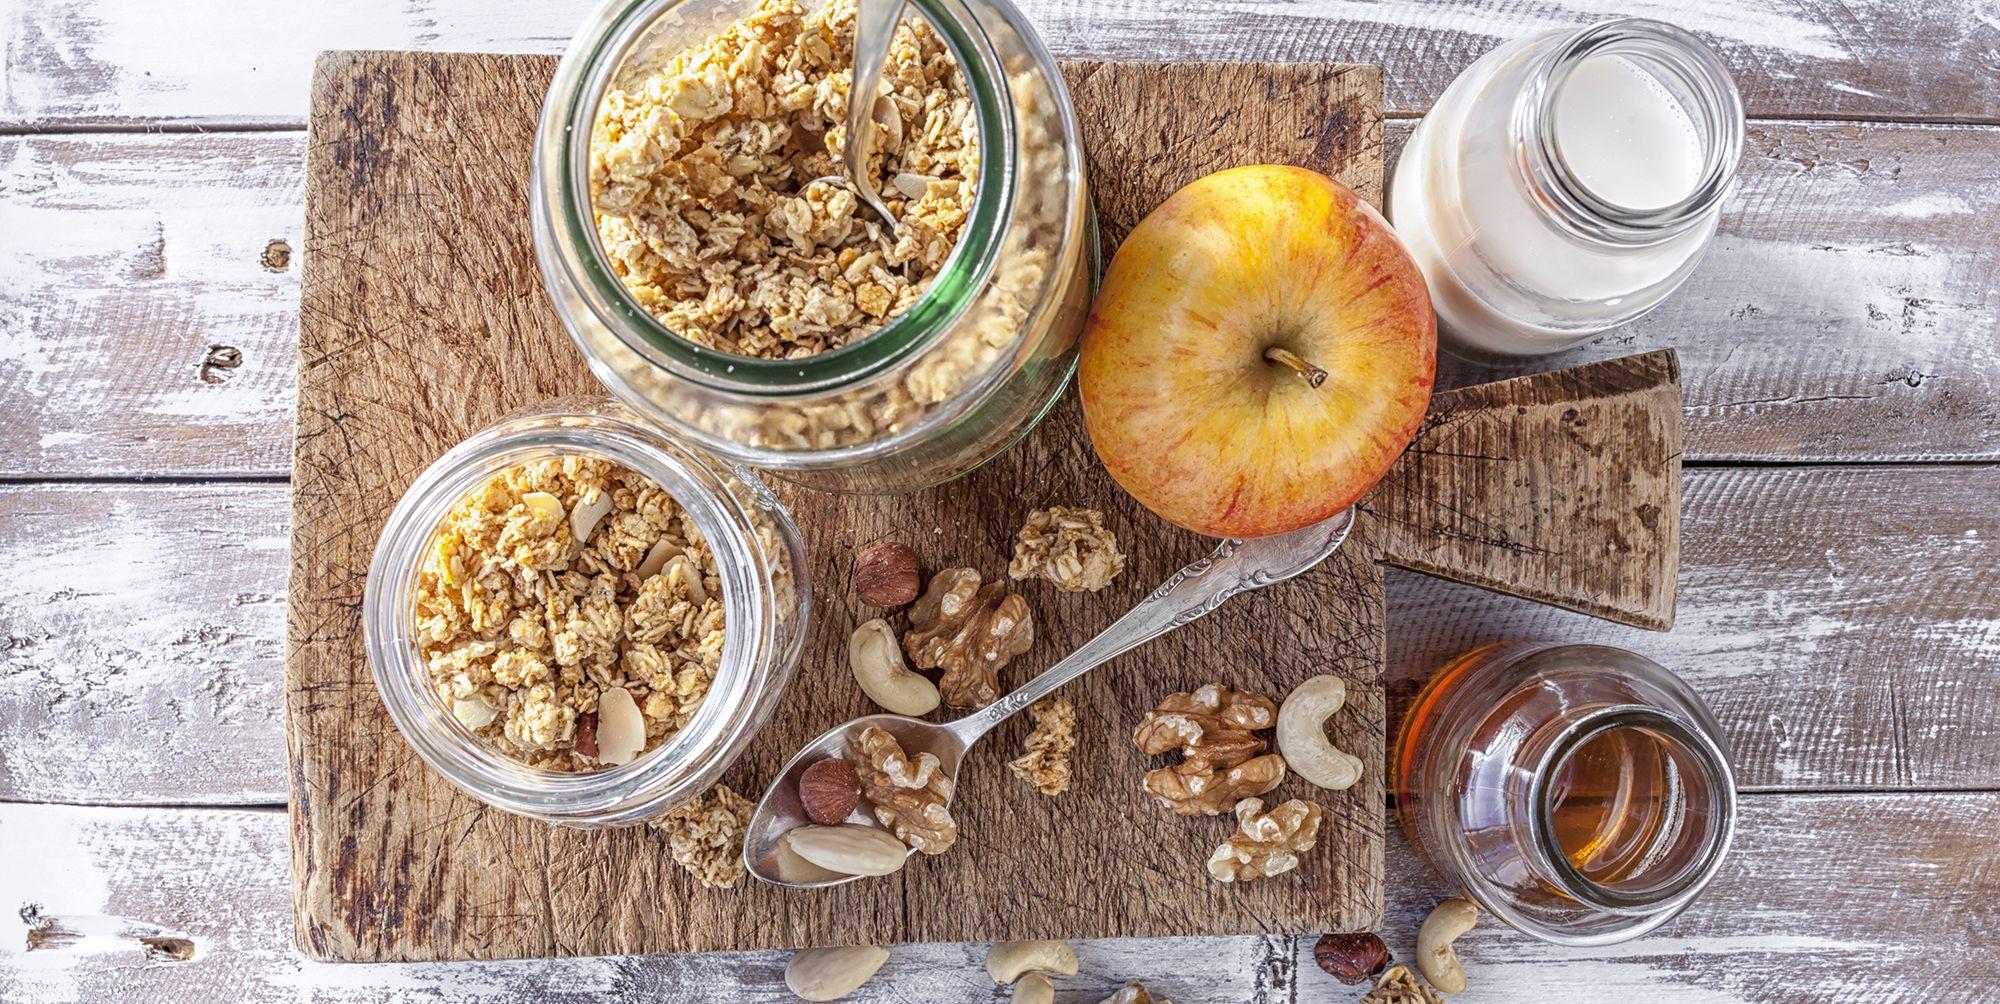 desayuno cereales leche miel manzana